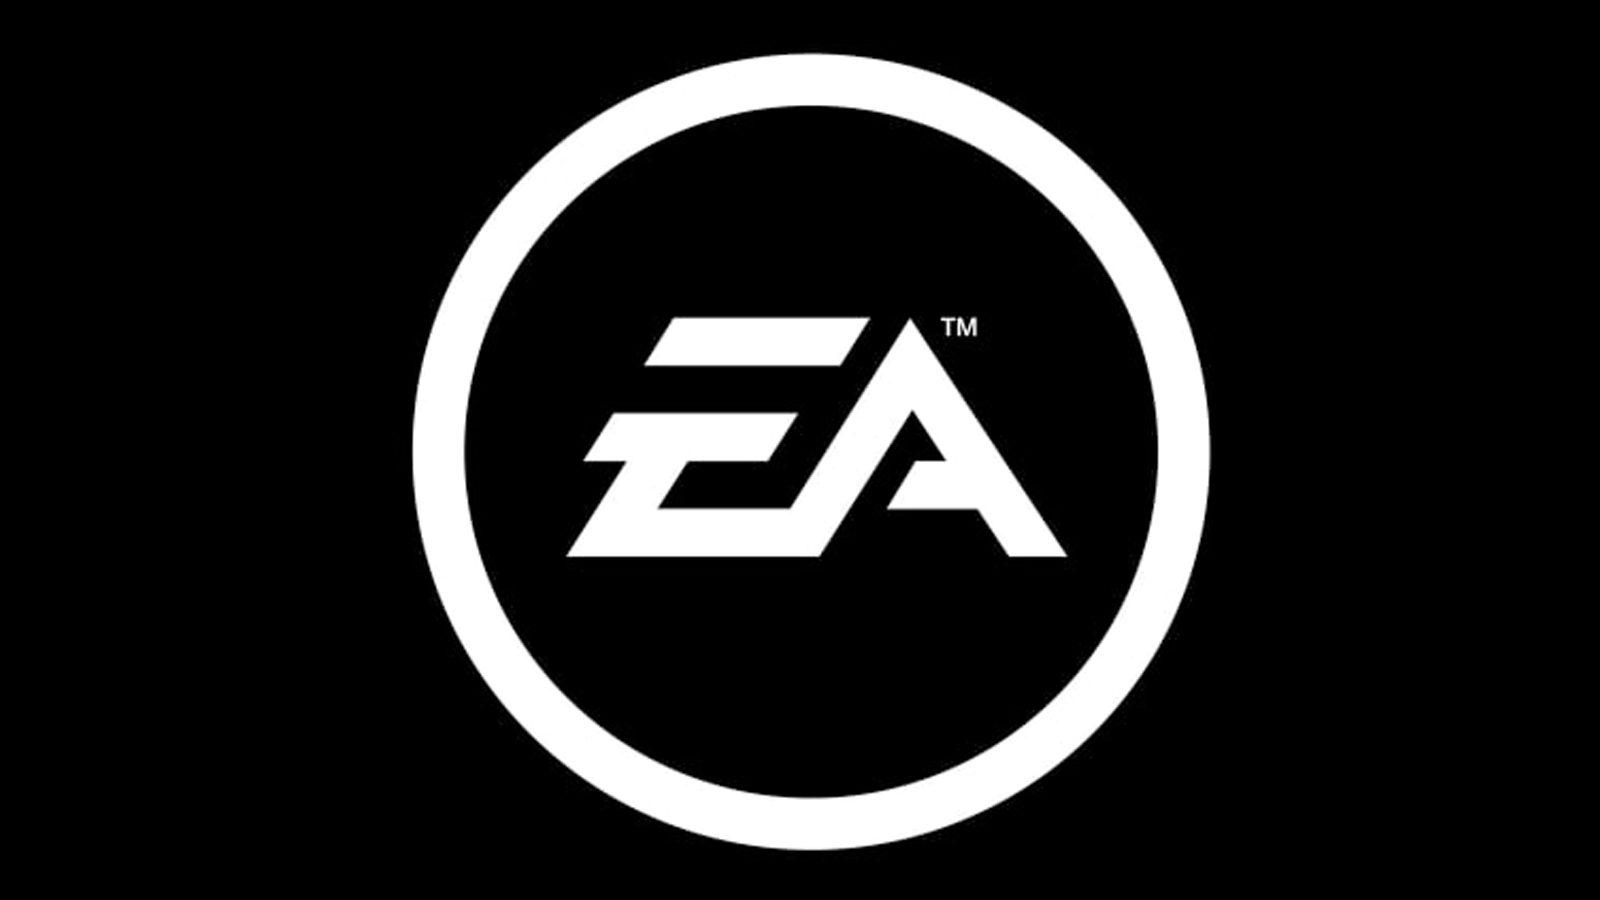 EA dona 1 milione di dollari alle organizzazioni antirazzismo thumbnail